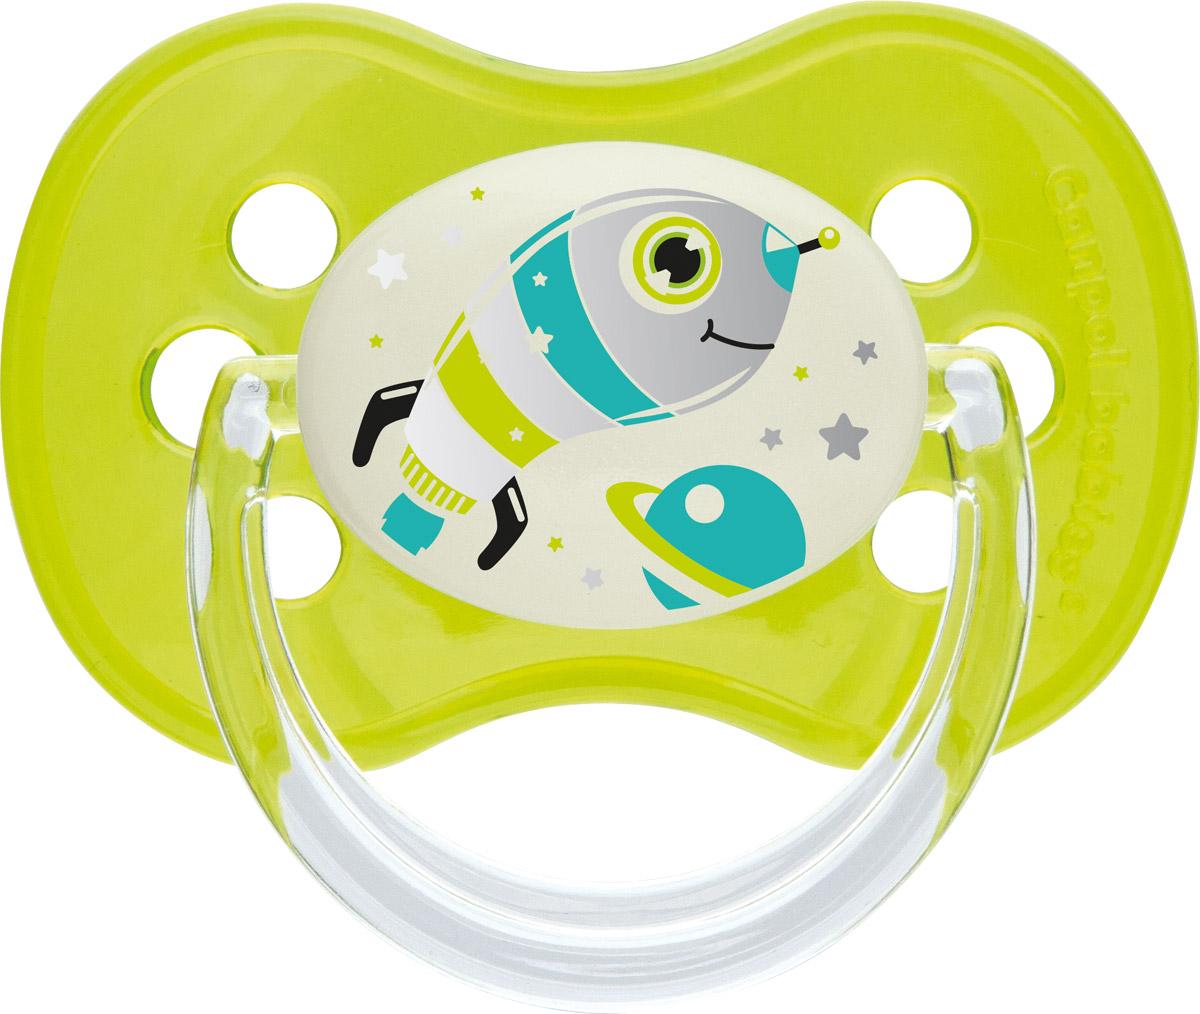 Canpol Babies Пустышка силиконовая круглая Space Mission от 0 до 6 месяцев цвет зеленый